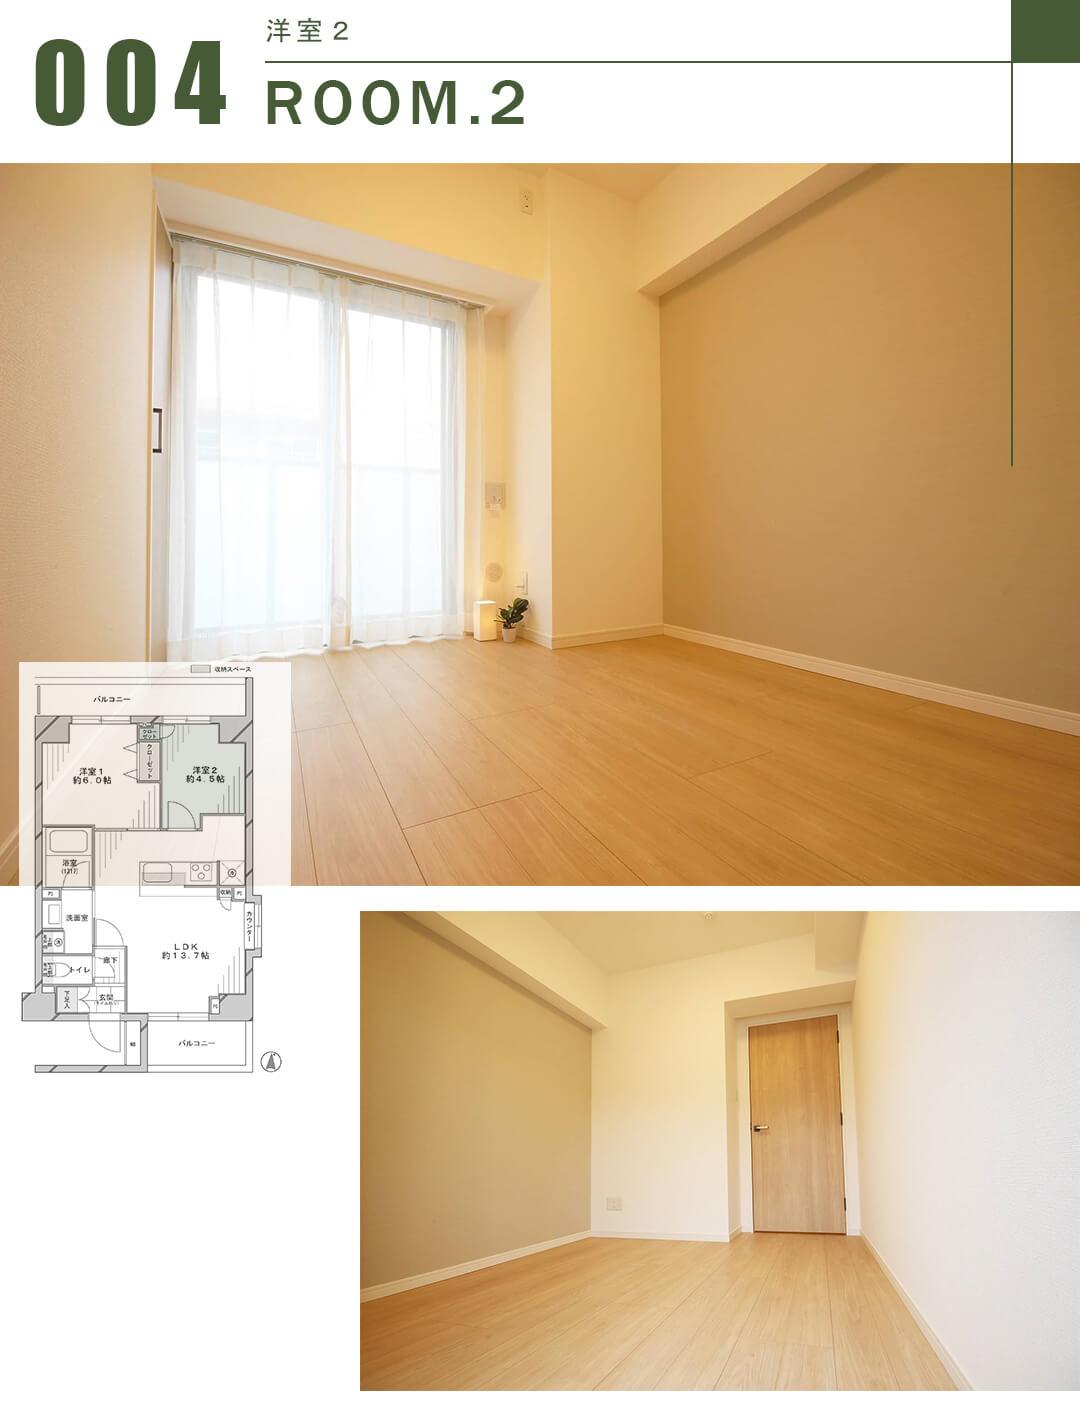 シーフォルム西新宿五丁目の洋室